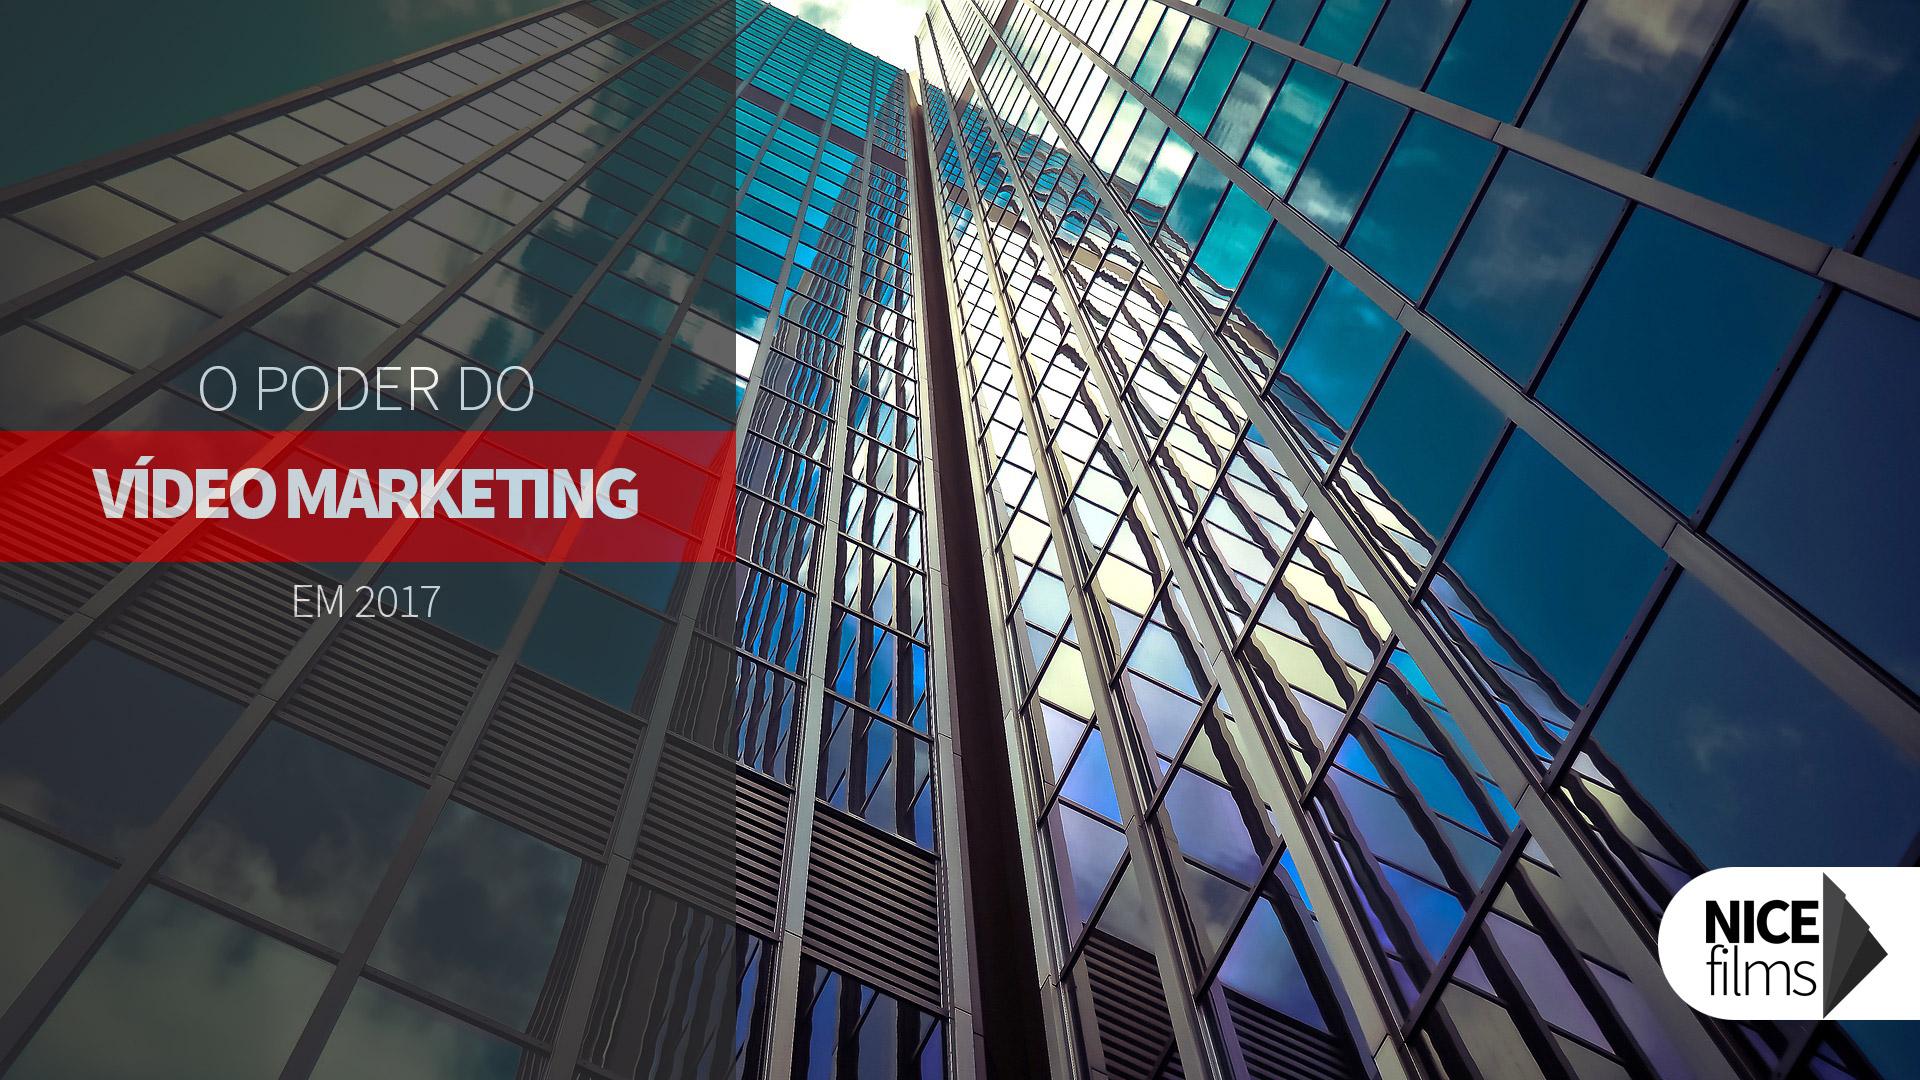 O Poder do Vídeo Marketing em 2017